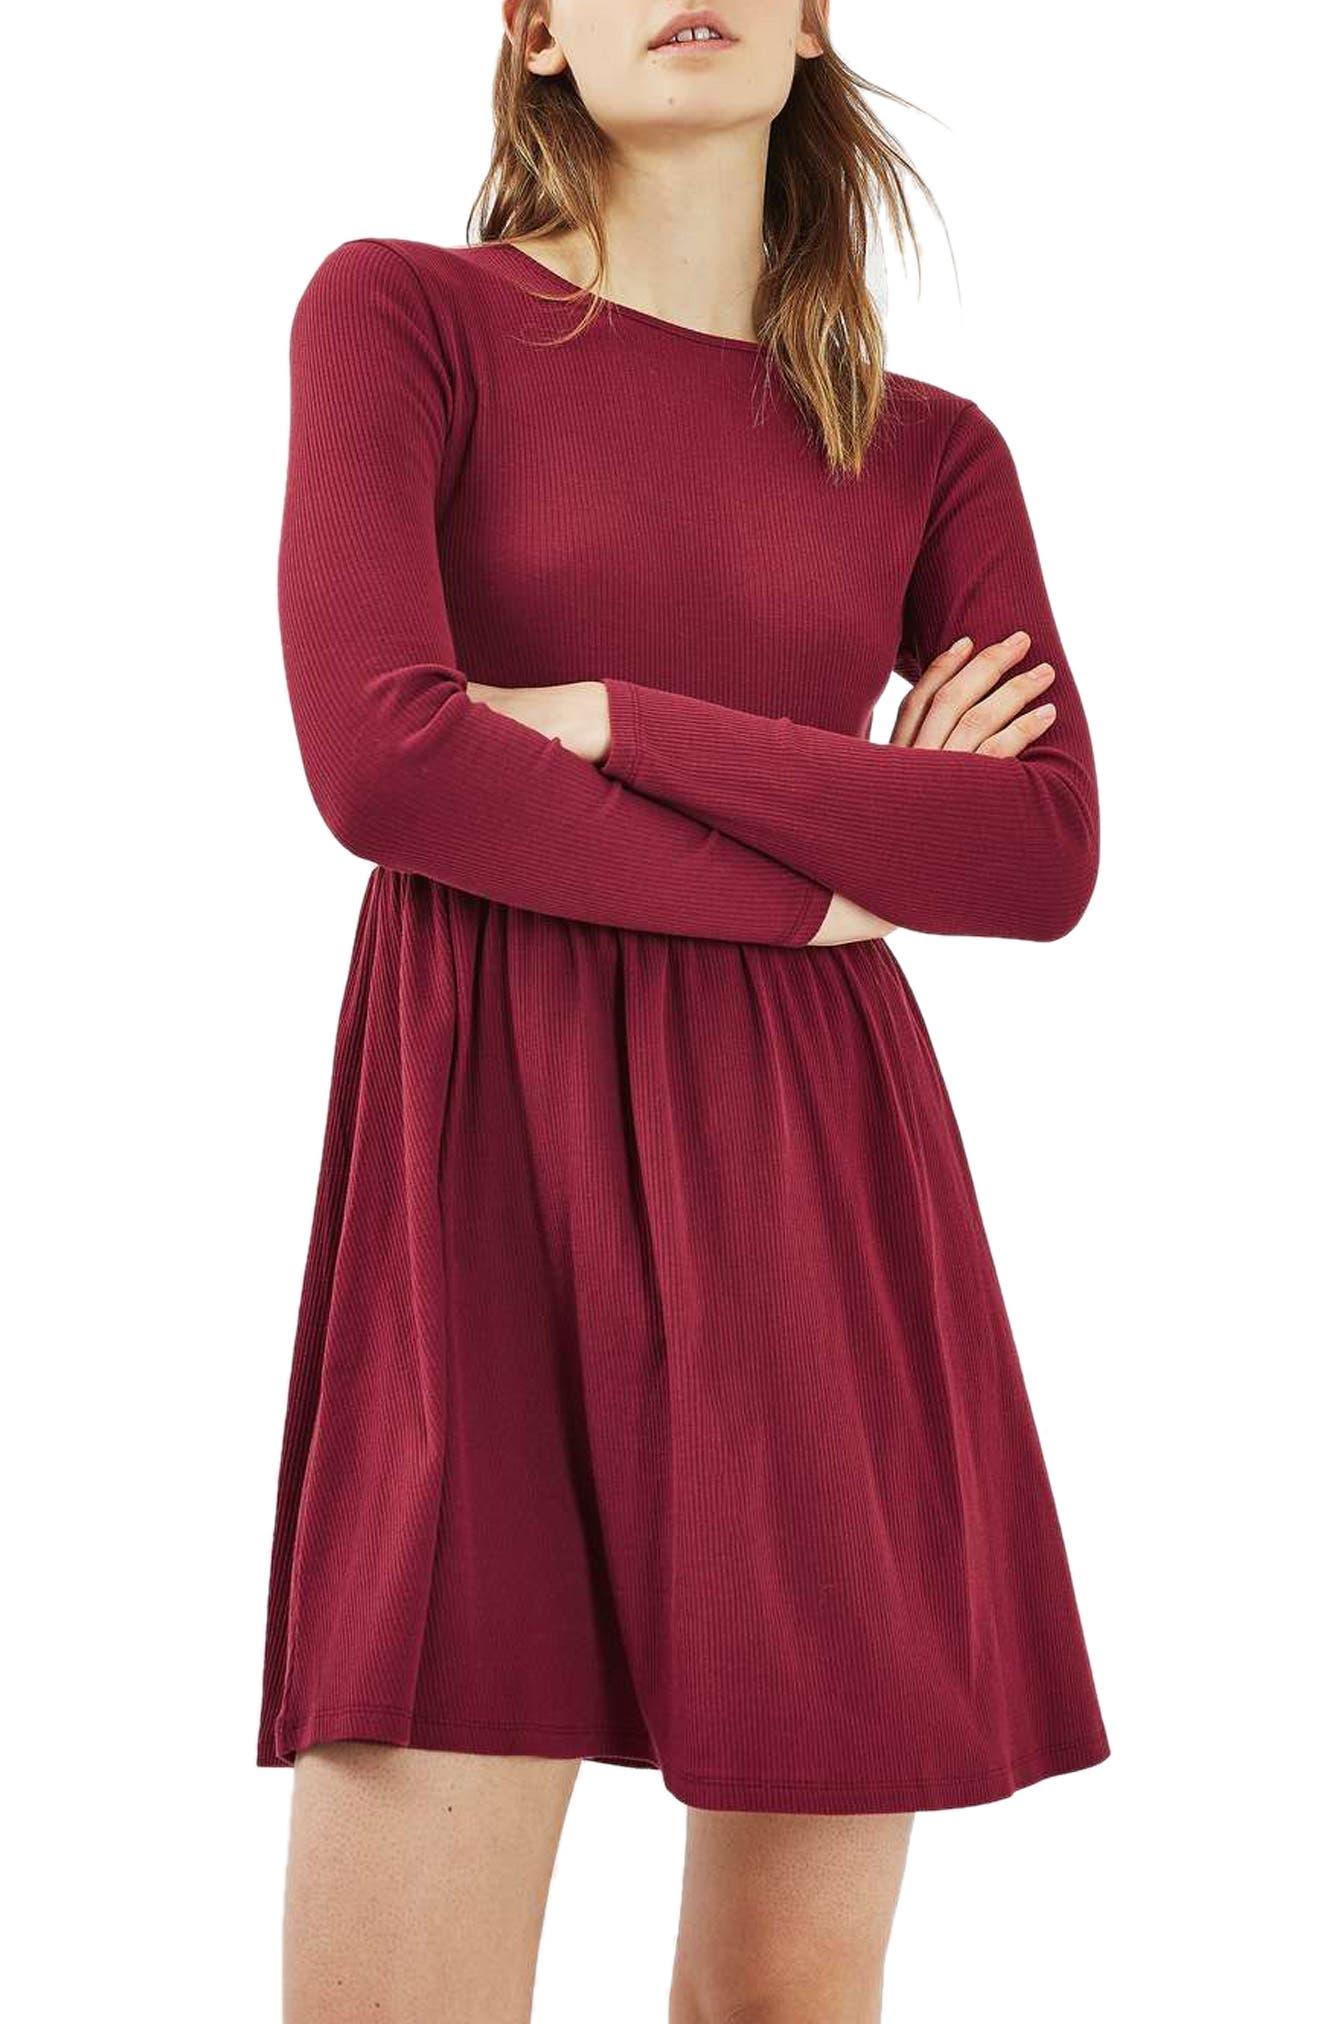 Alternate Image 1 Selected - Topshop Tie Back Skater Dress